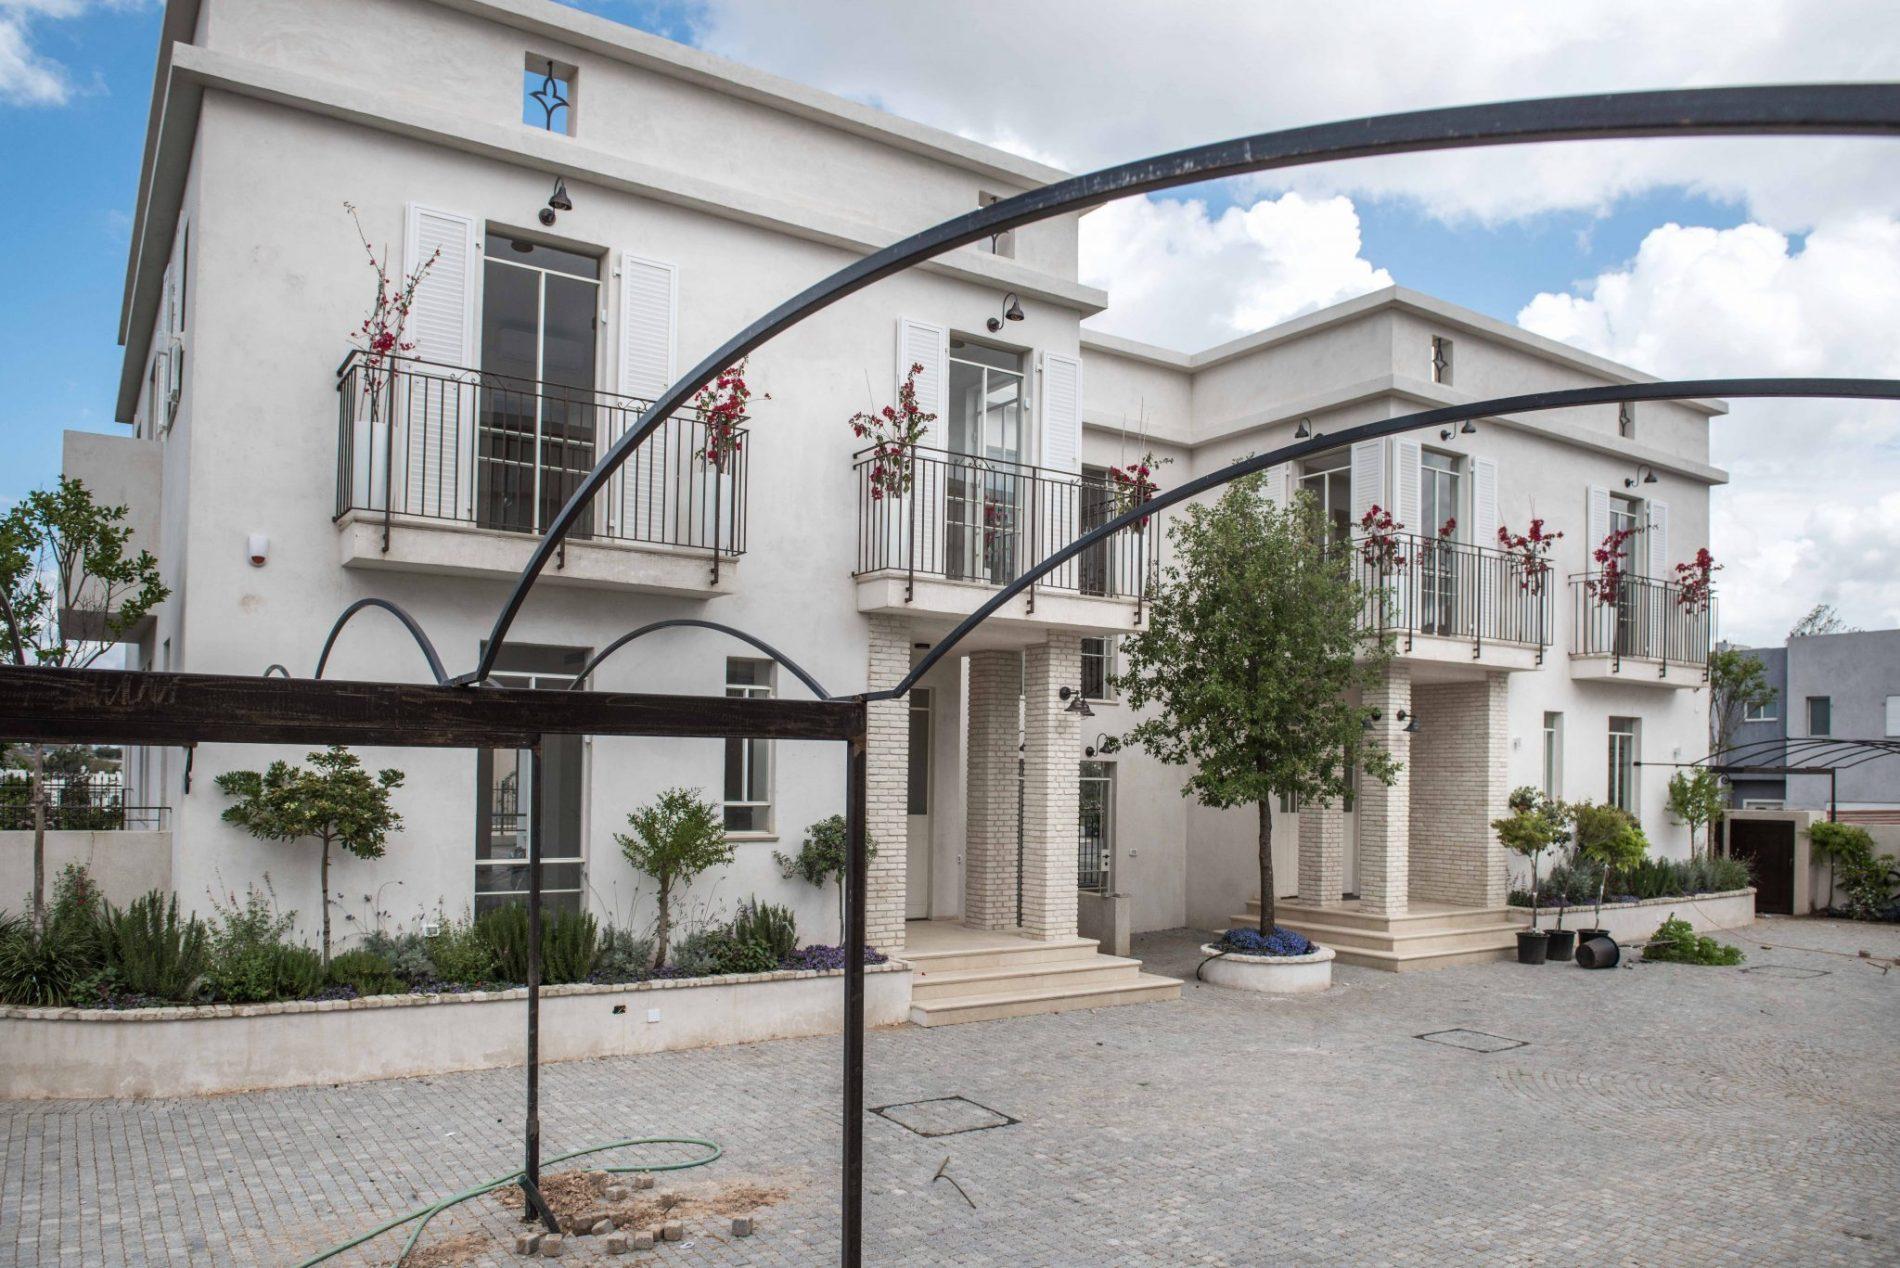 שאטו בכפר – קומפלקס של 4 בתים בקדימה